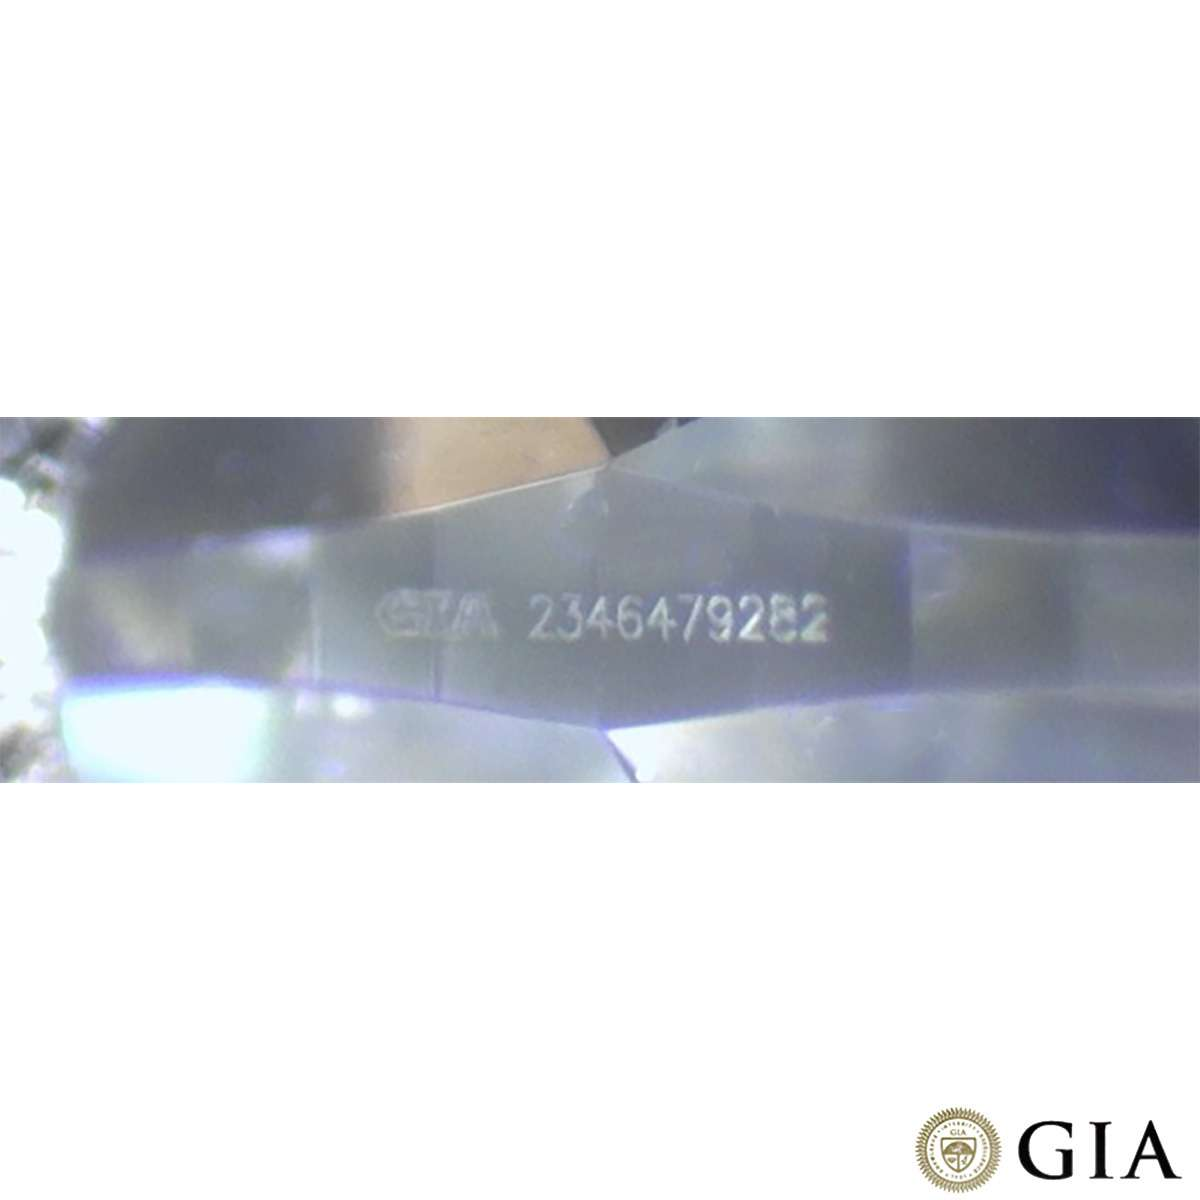 Platinum Round Brilliant Cut Diamond Ring 1.80ct H/SI1 XXX